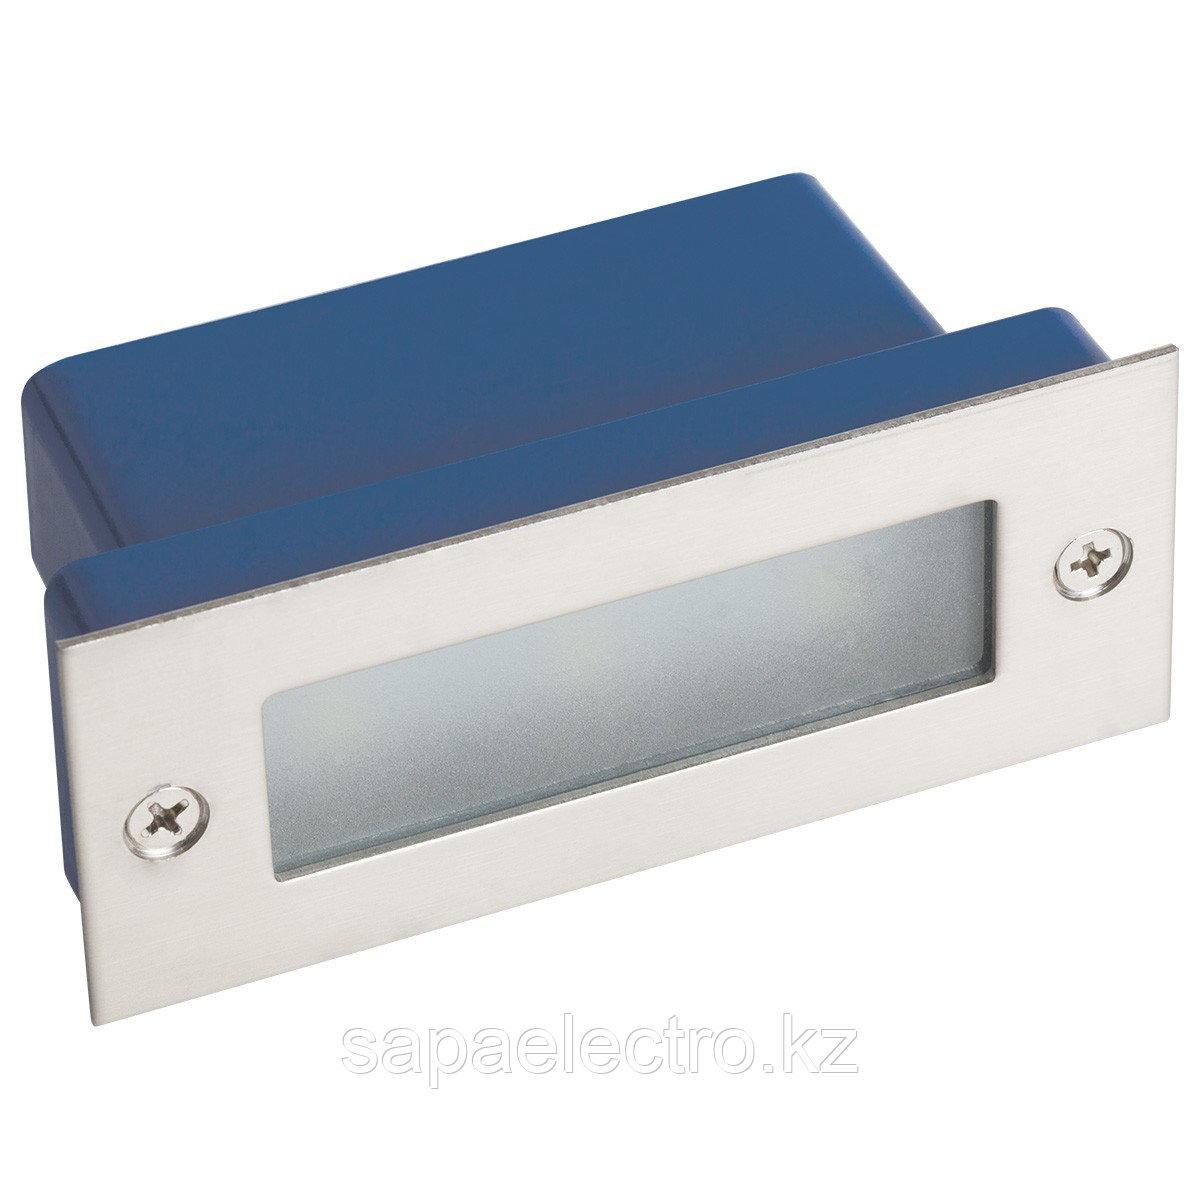 Свет-к  LED GD016 3W 6000K WHITE (TEKSAN)40шт